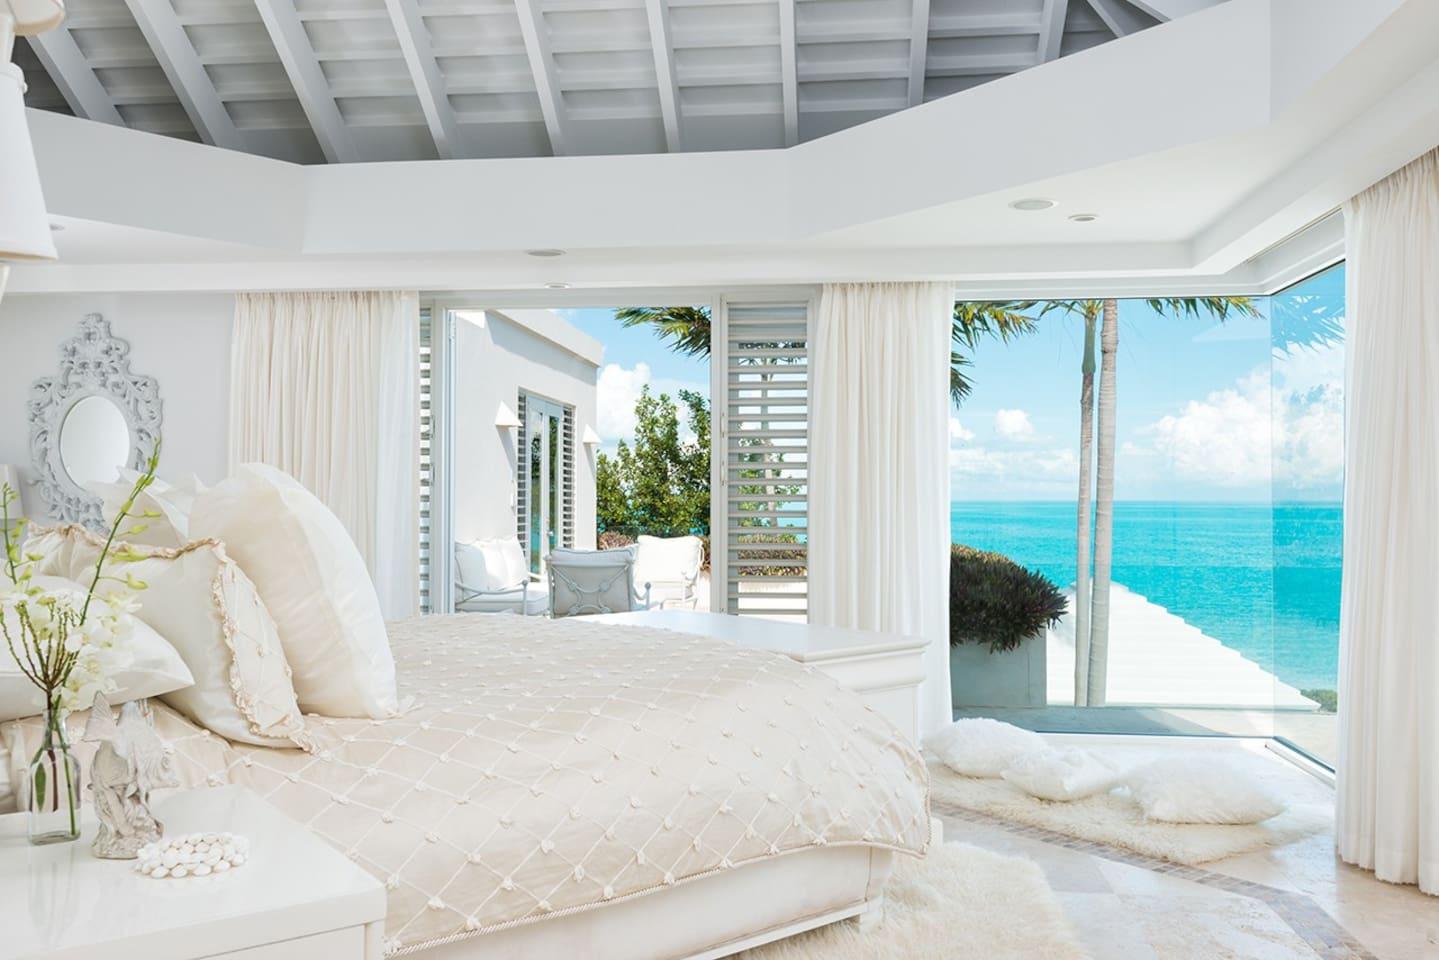 Pearls of longbay luxury 3 villa beachfront estate   villen zur ...